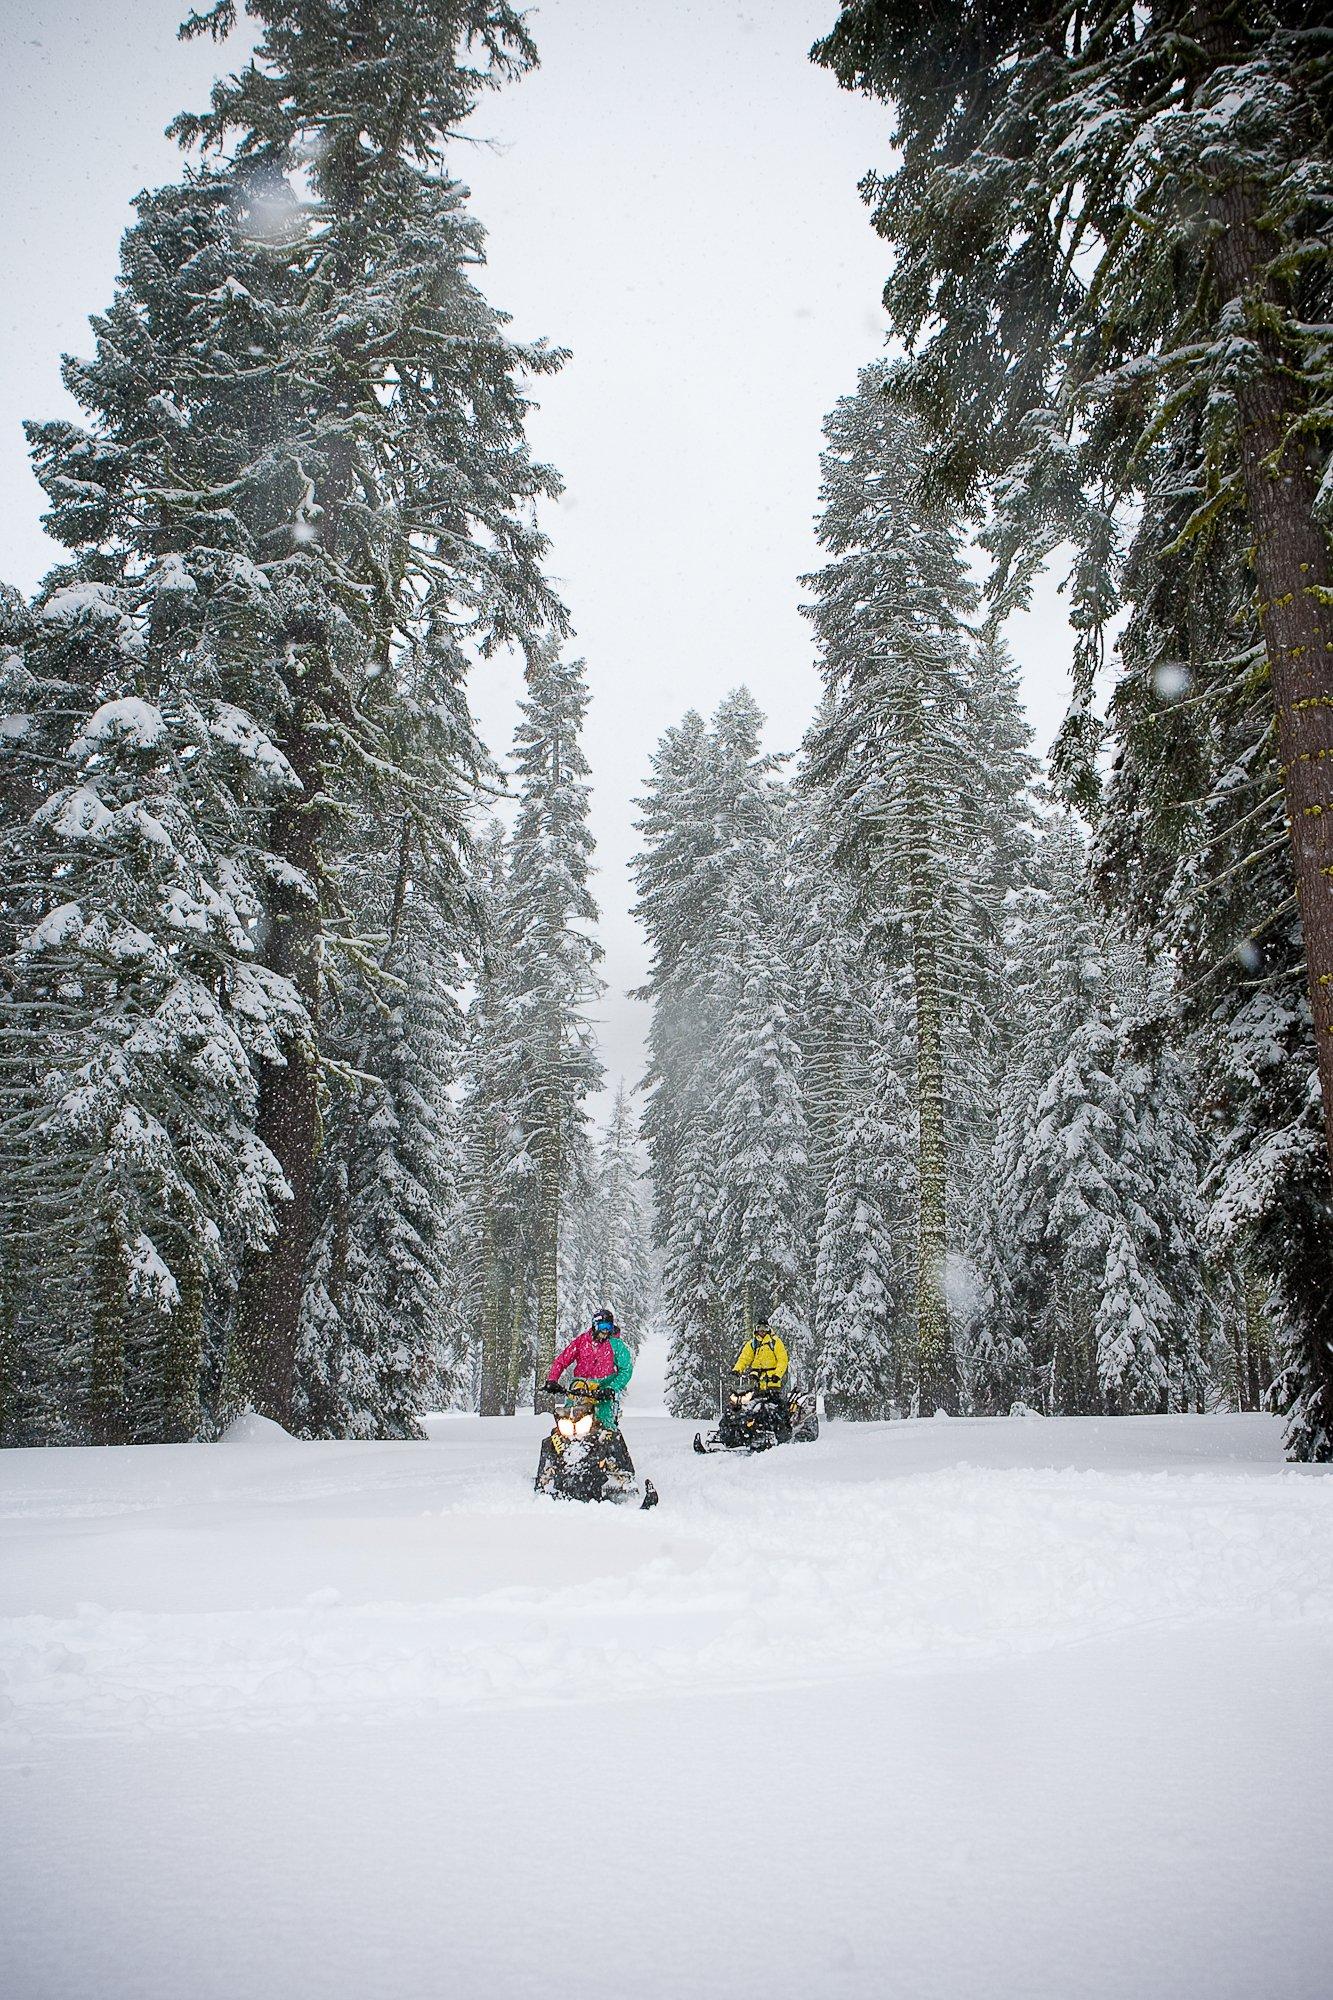 @KCDEANE in Tahoe